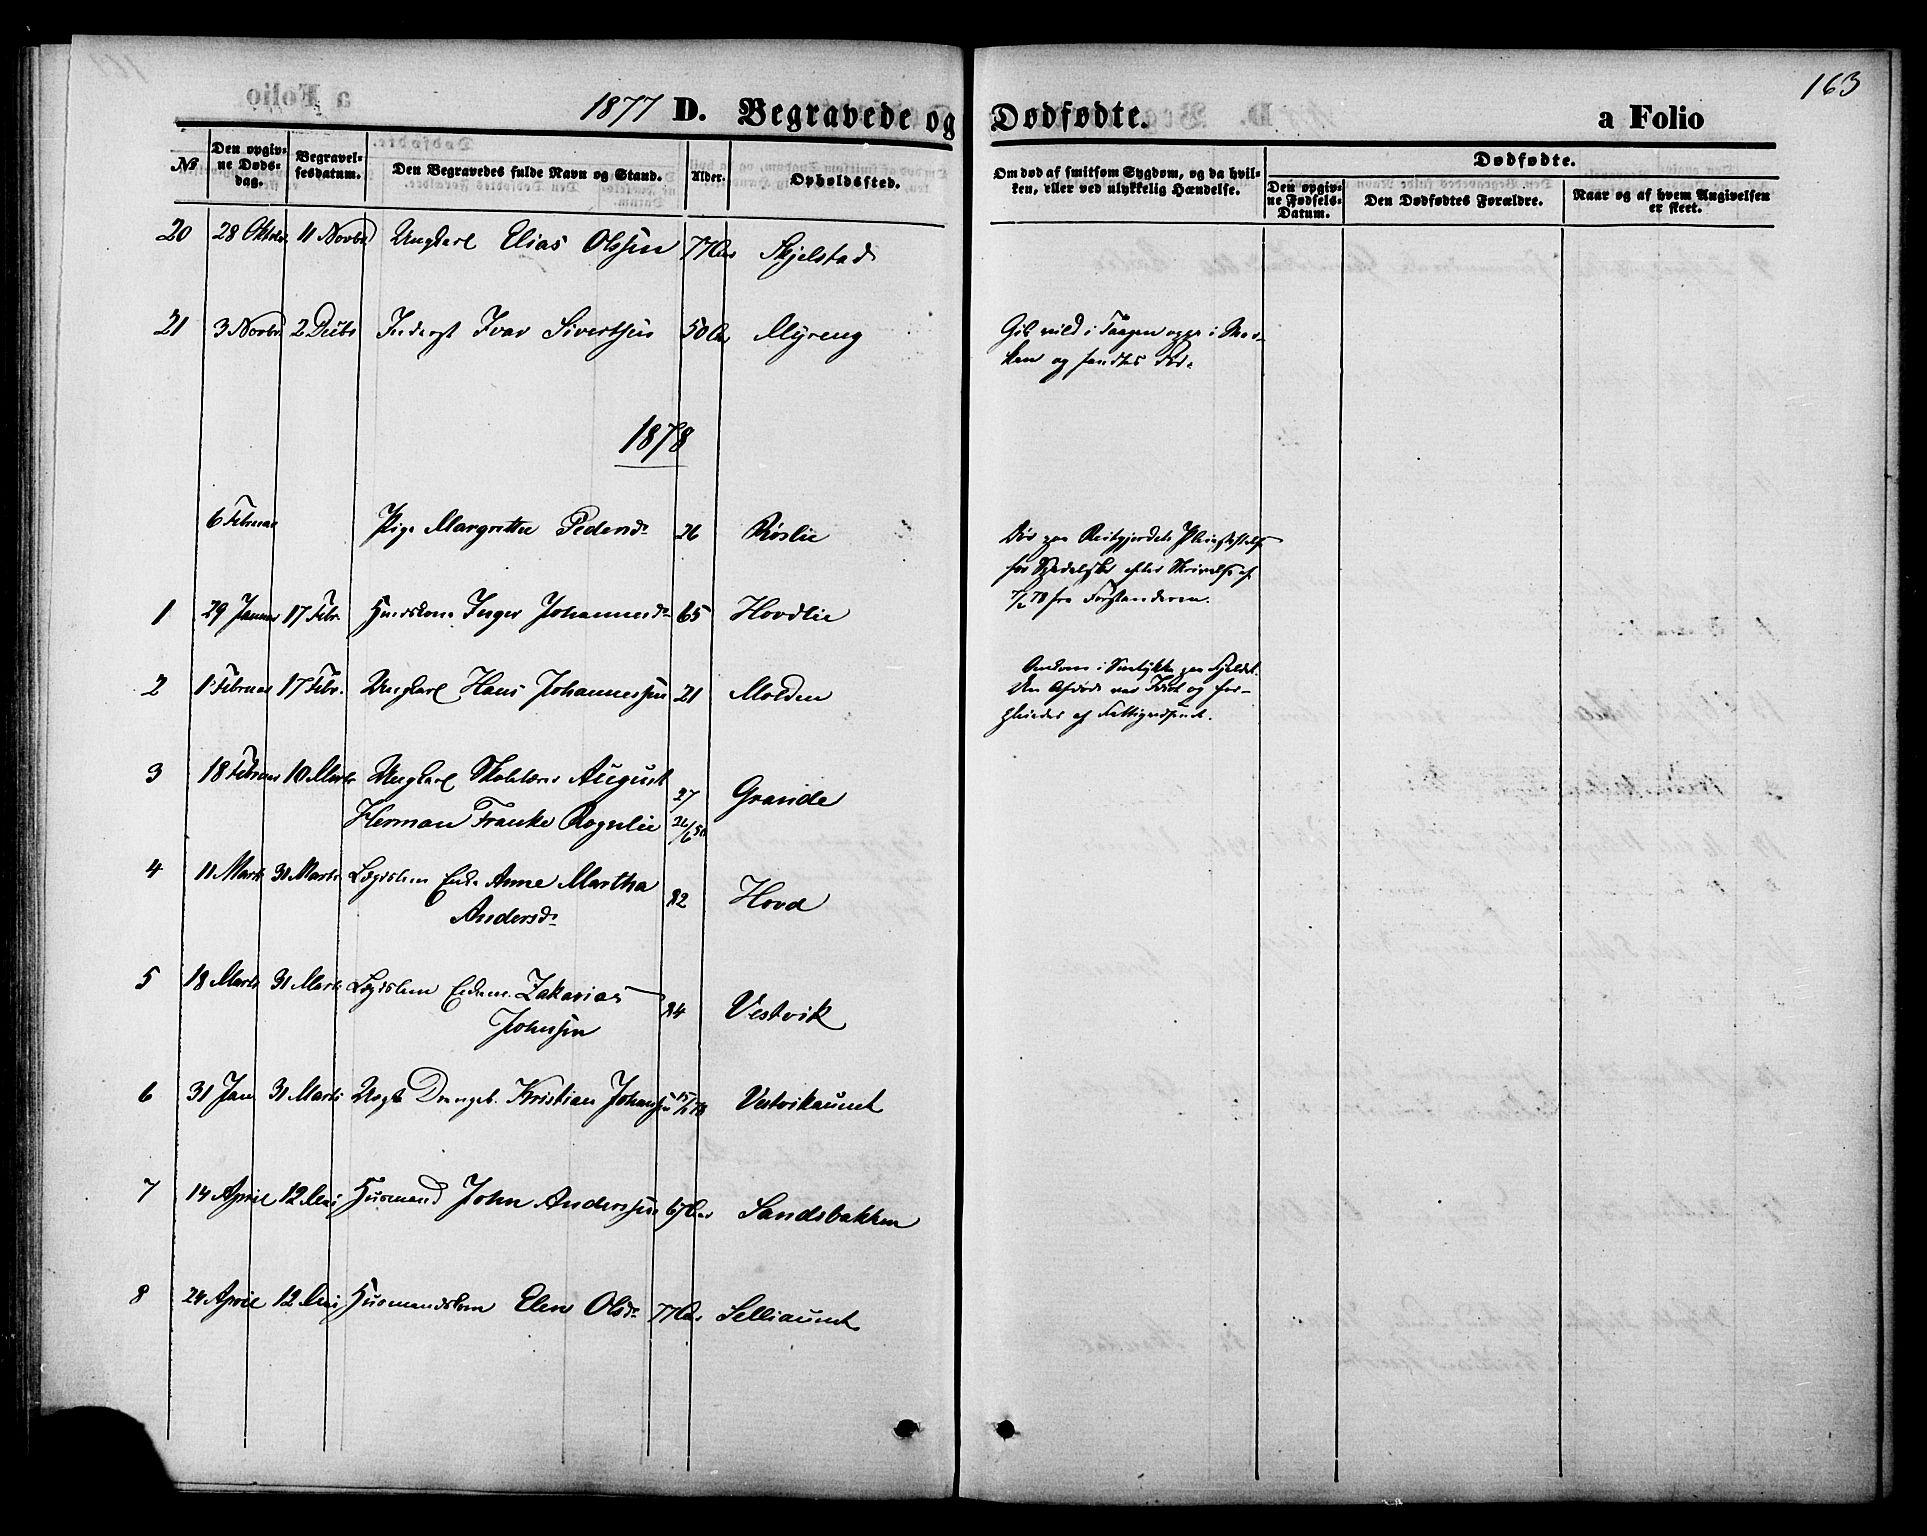 SAT, Ministerialprotokoller, klokkerbøker og fødselsregistre - Nord-Trøndelag, 744/L0419: Ministerialbok nr. 744A03, 1867-1881, s. 163